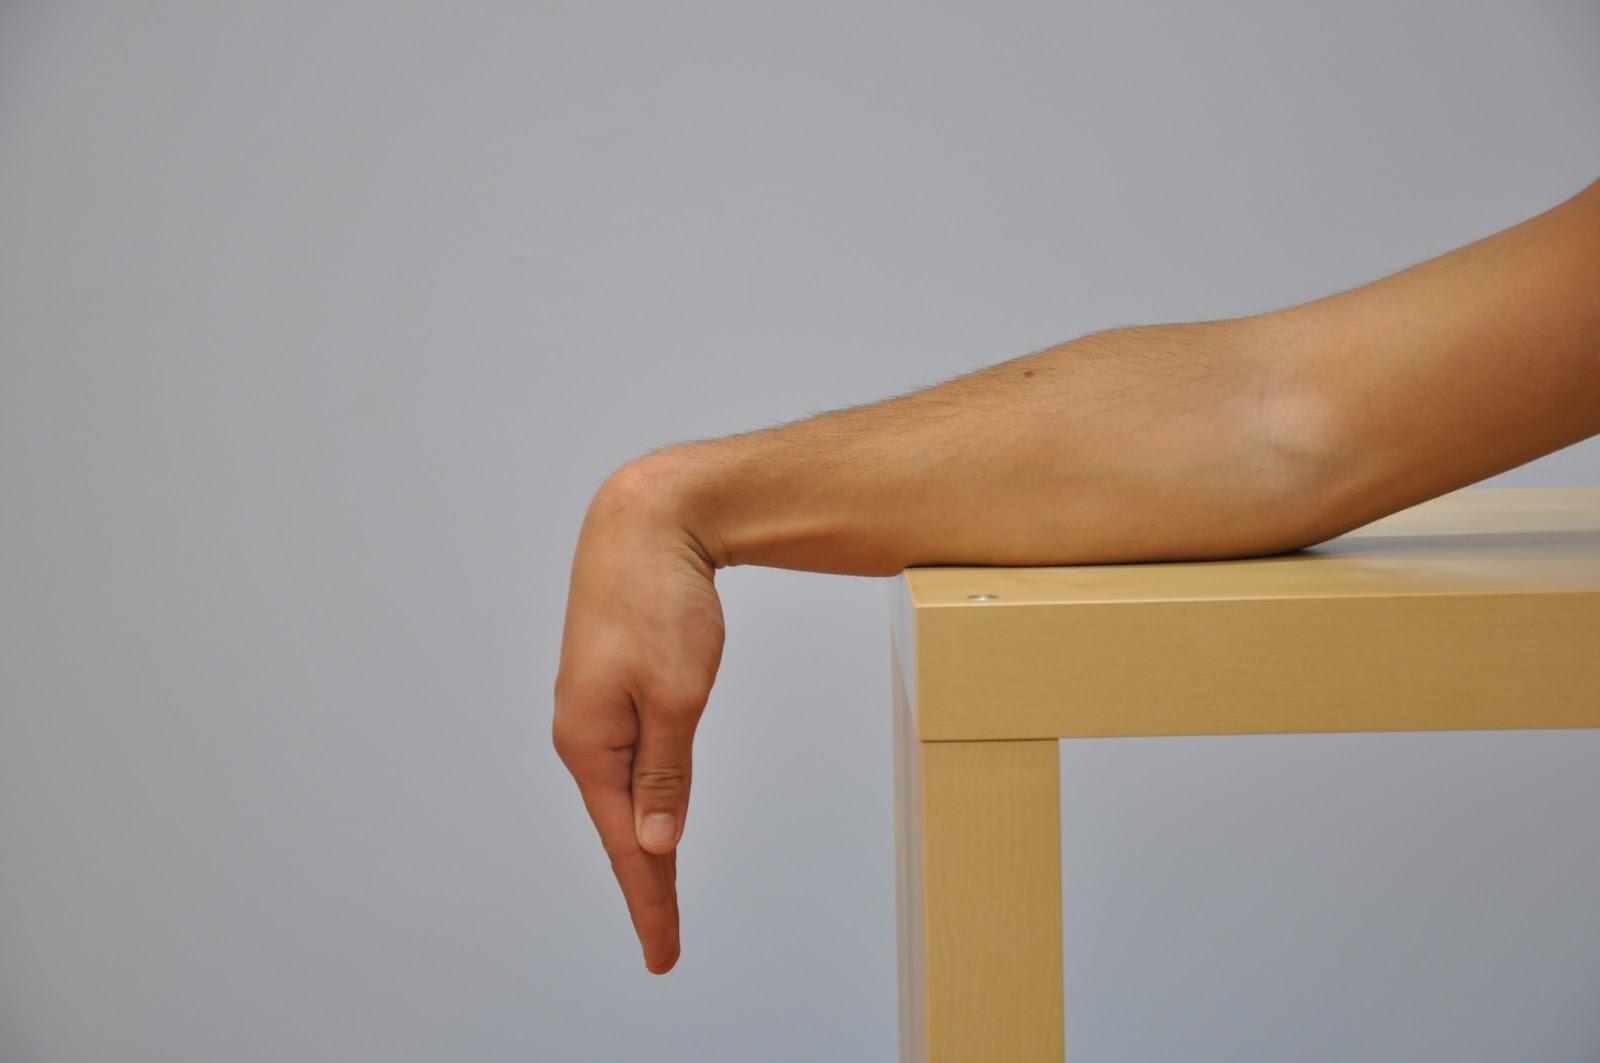 Pelo meu no braço pulso subindo dor